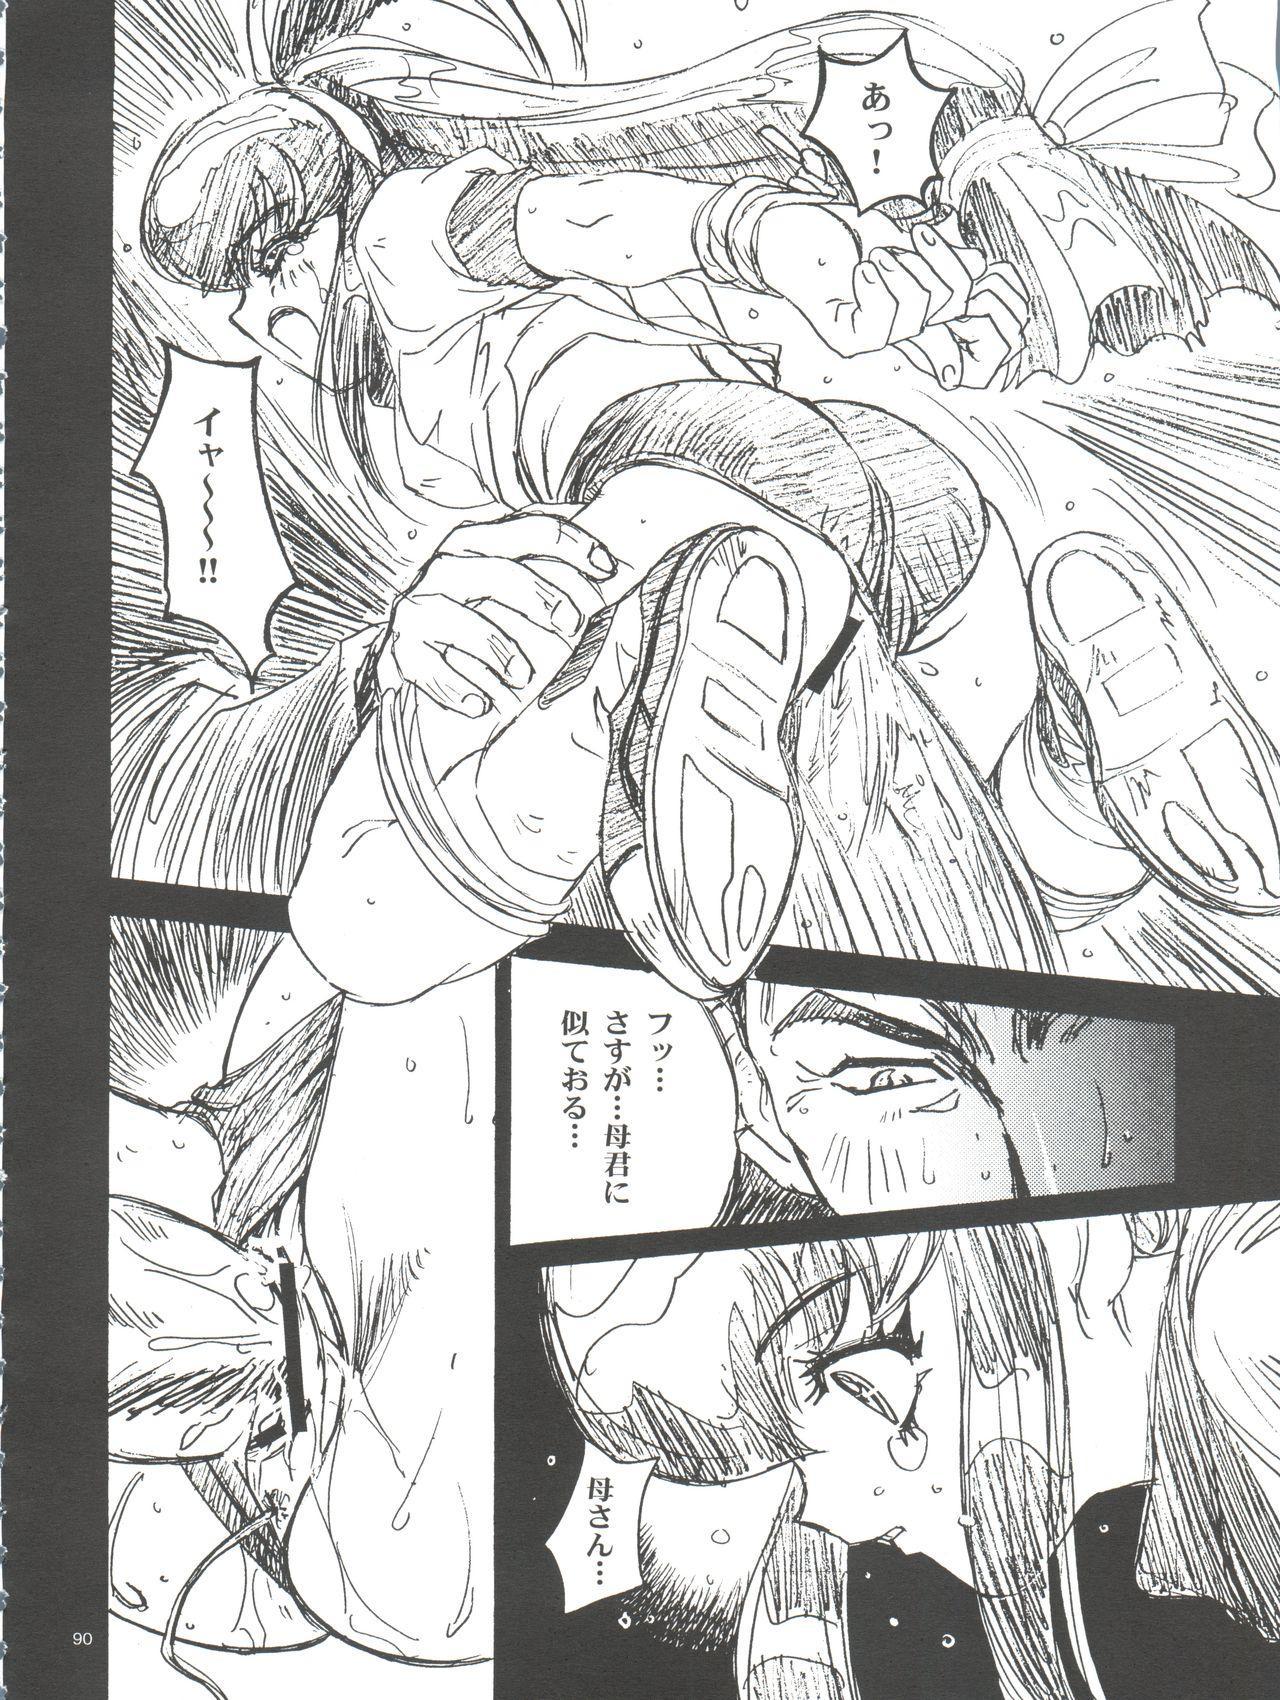 Wanpaku Anime Daihyakka Nanno Koto Jisensyuu Vol. 1 91